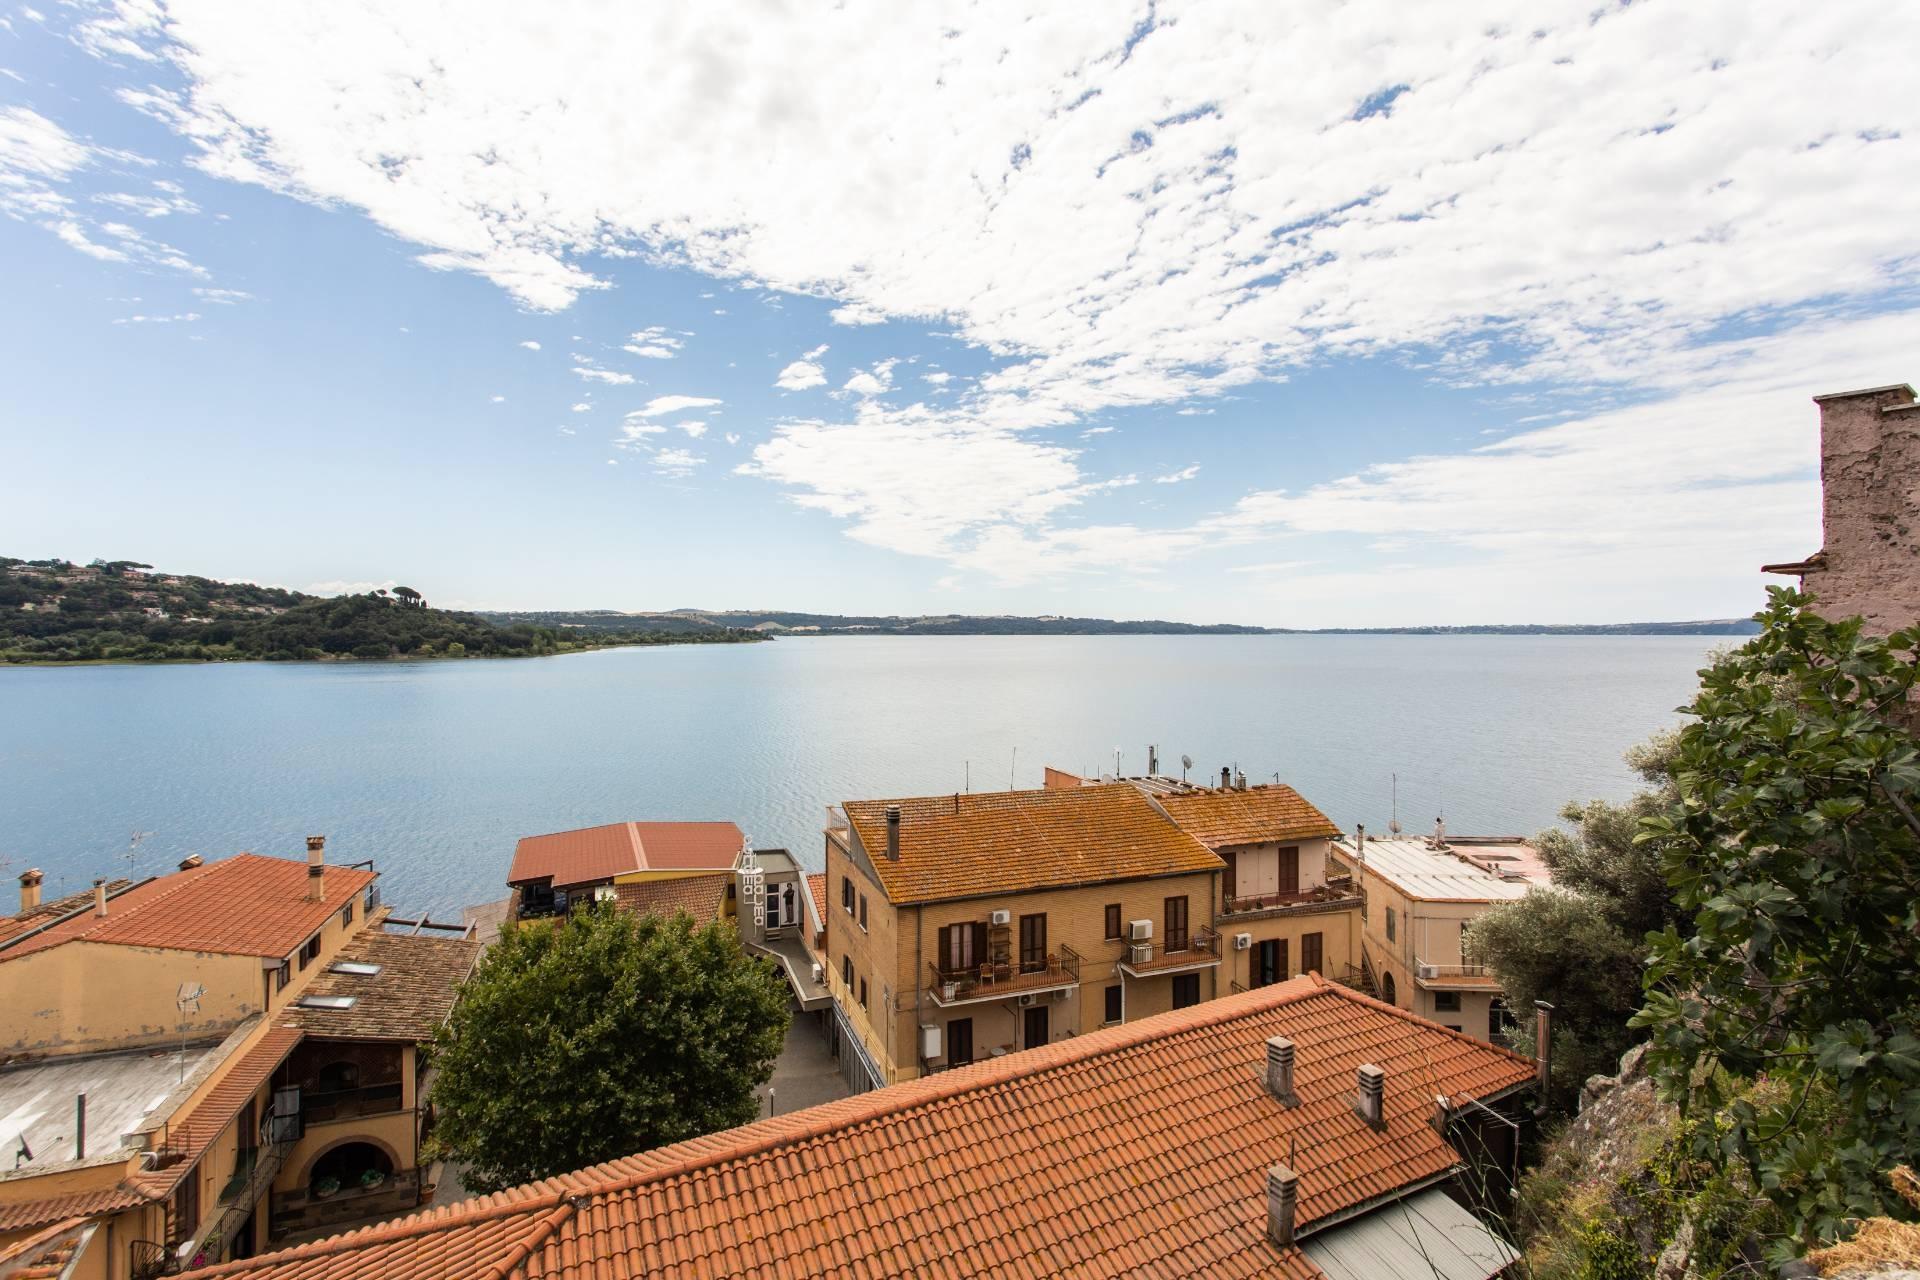 Appartamento in Vendita a Trevignano Romano: 4 locali, 85 mq - Foto 19